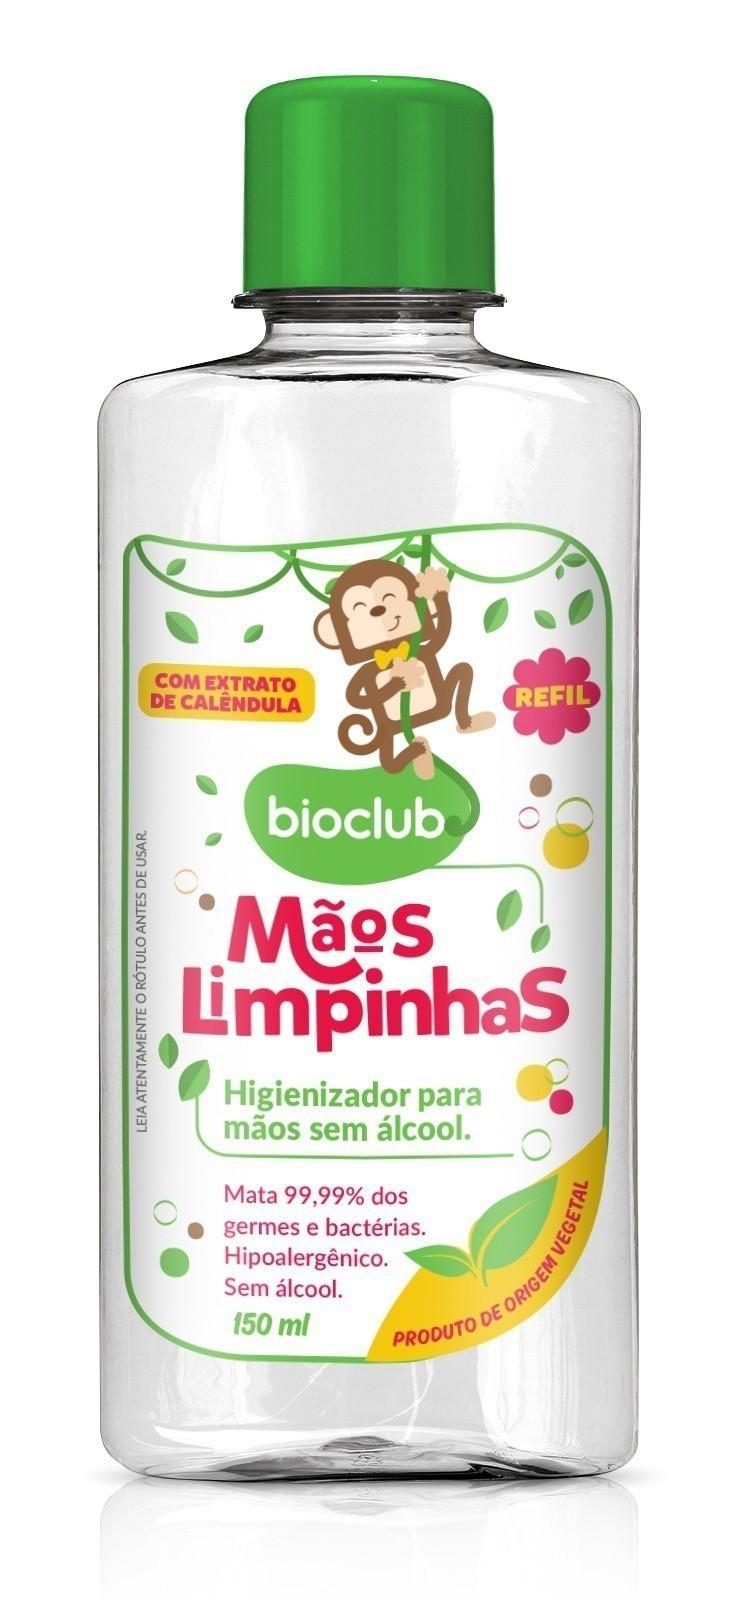 Refil Mãos Limpinhas 150ml - Bioclub